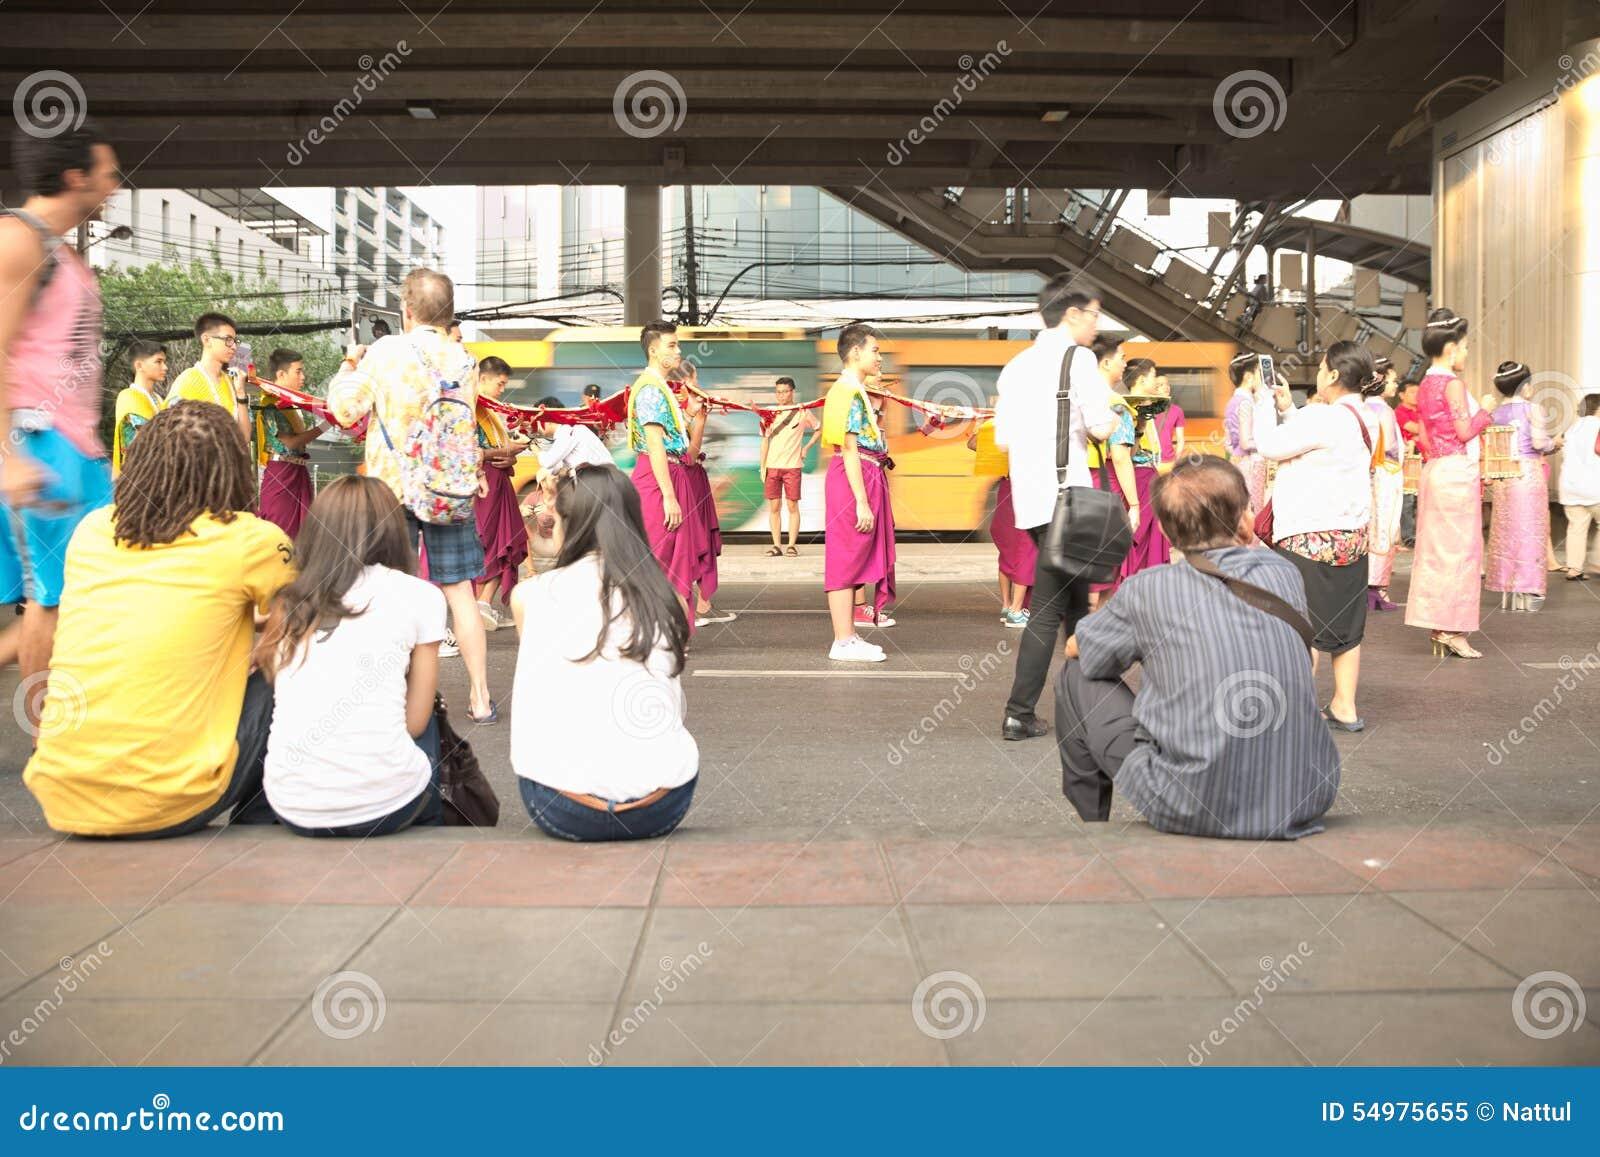 Толпа сидит на событии пешеходного пути наблюдая